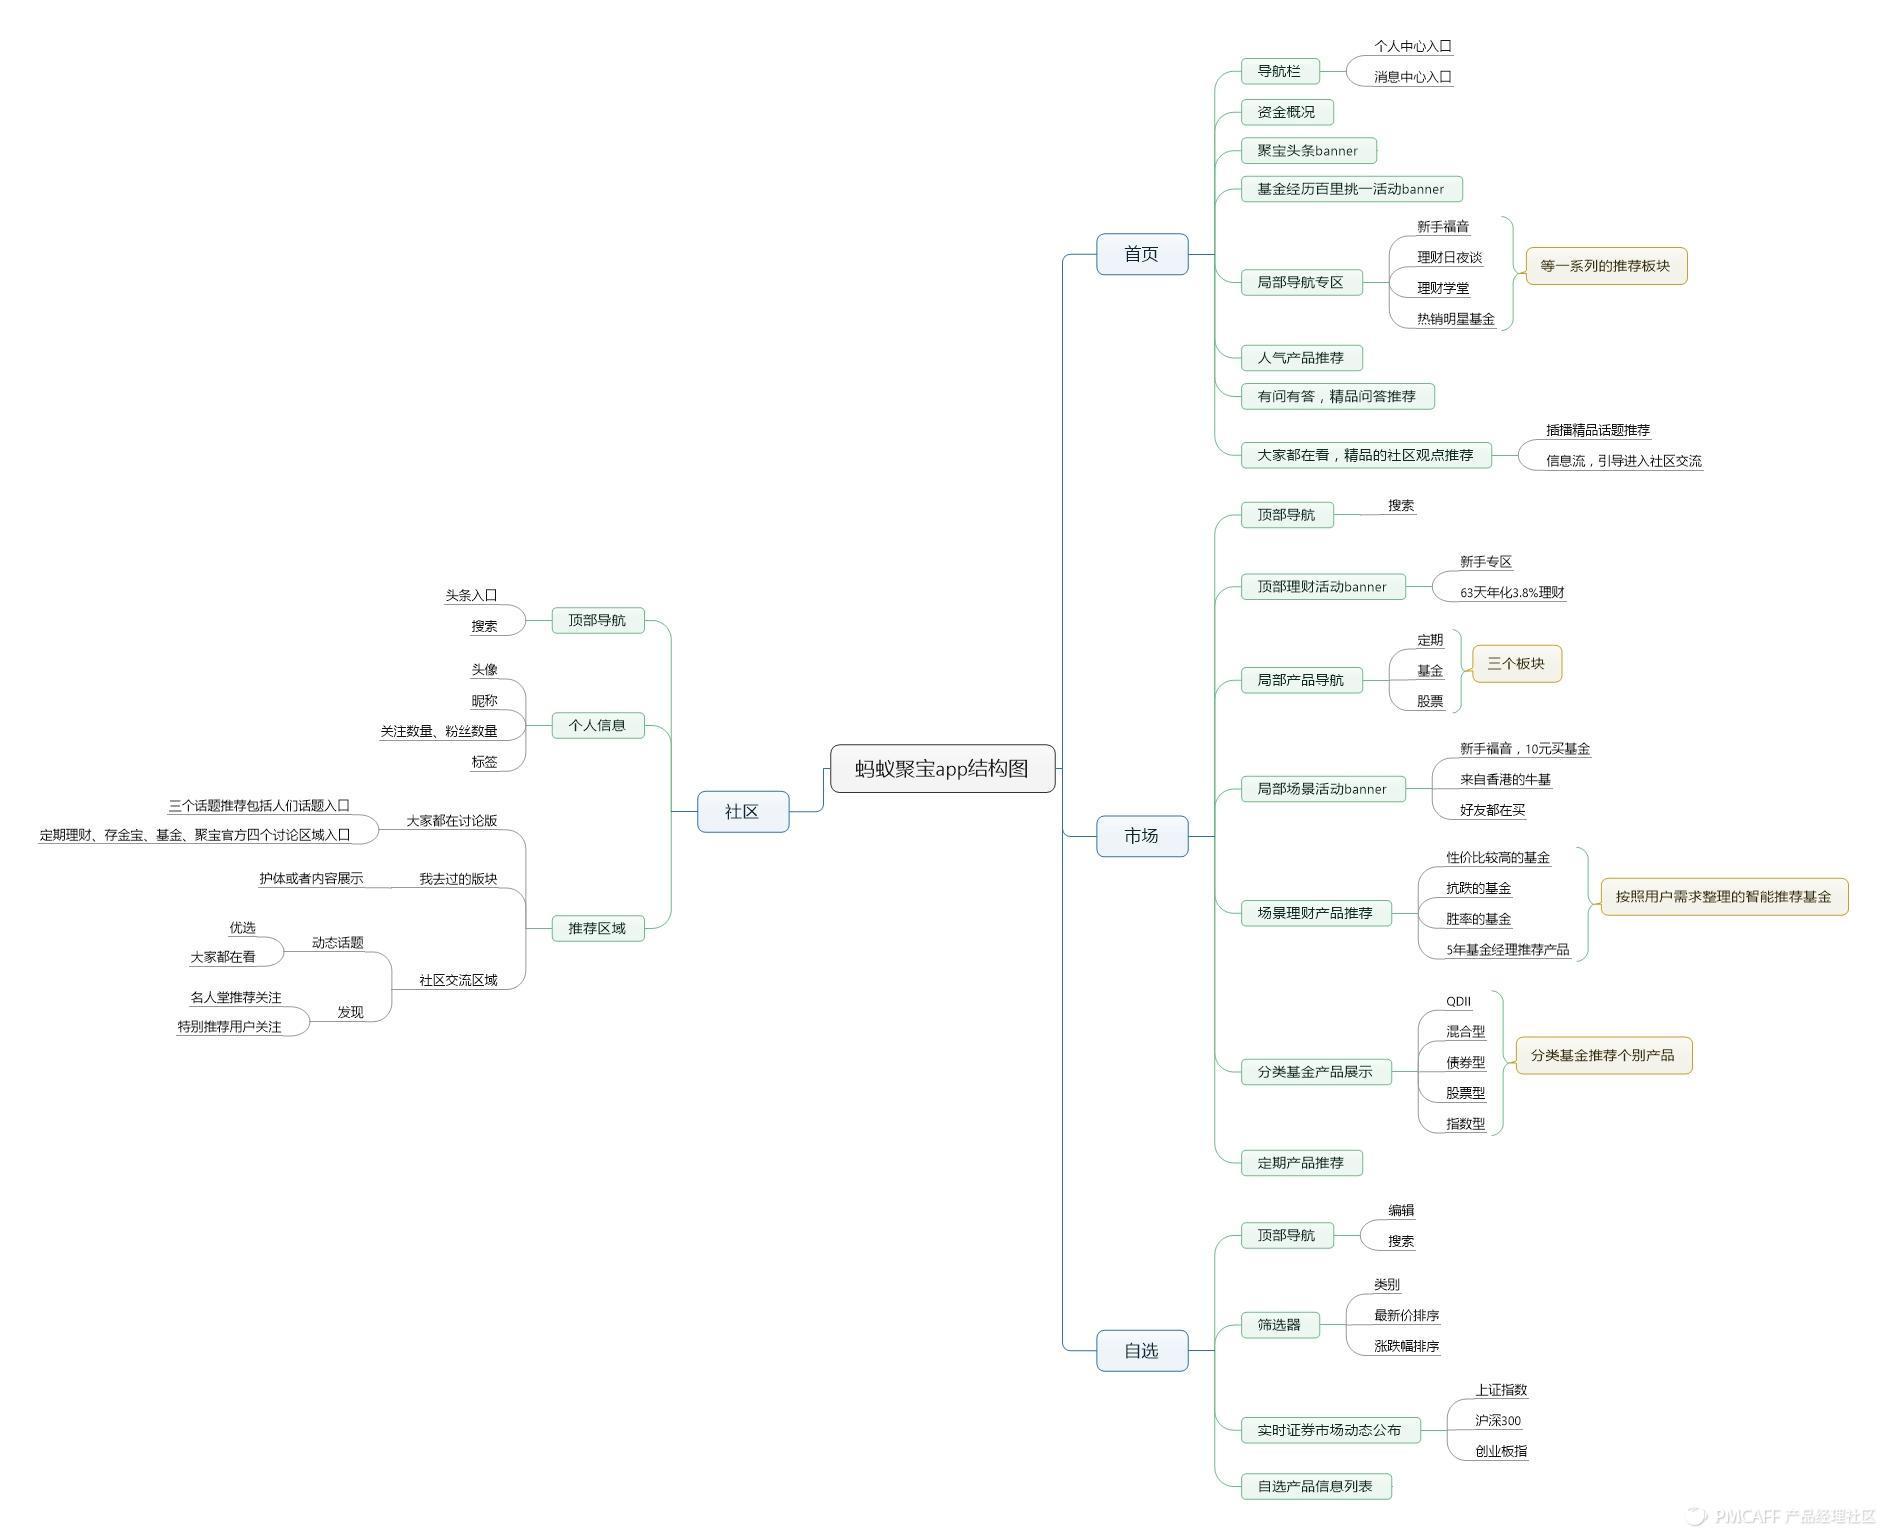 蚂蚁聚宝app结构图.jpeg